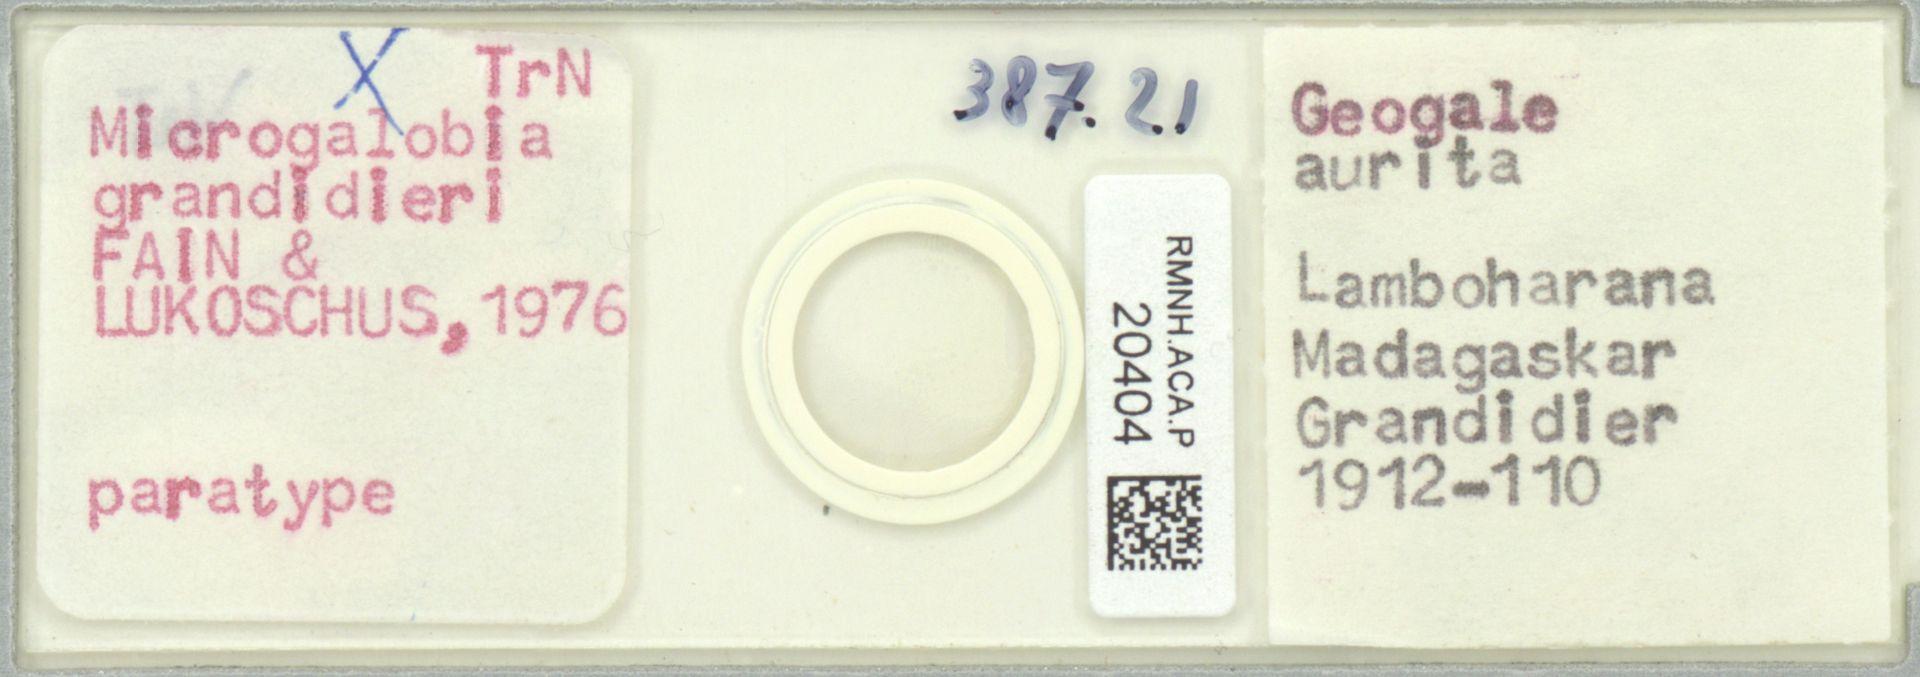 RMNH.ACA.P.20404 | Microgalobia grandidieri